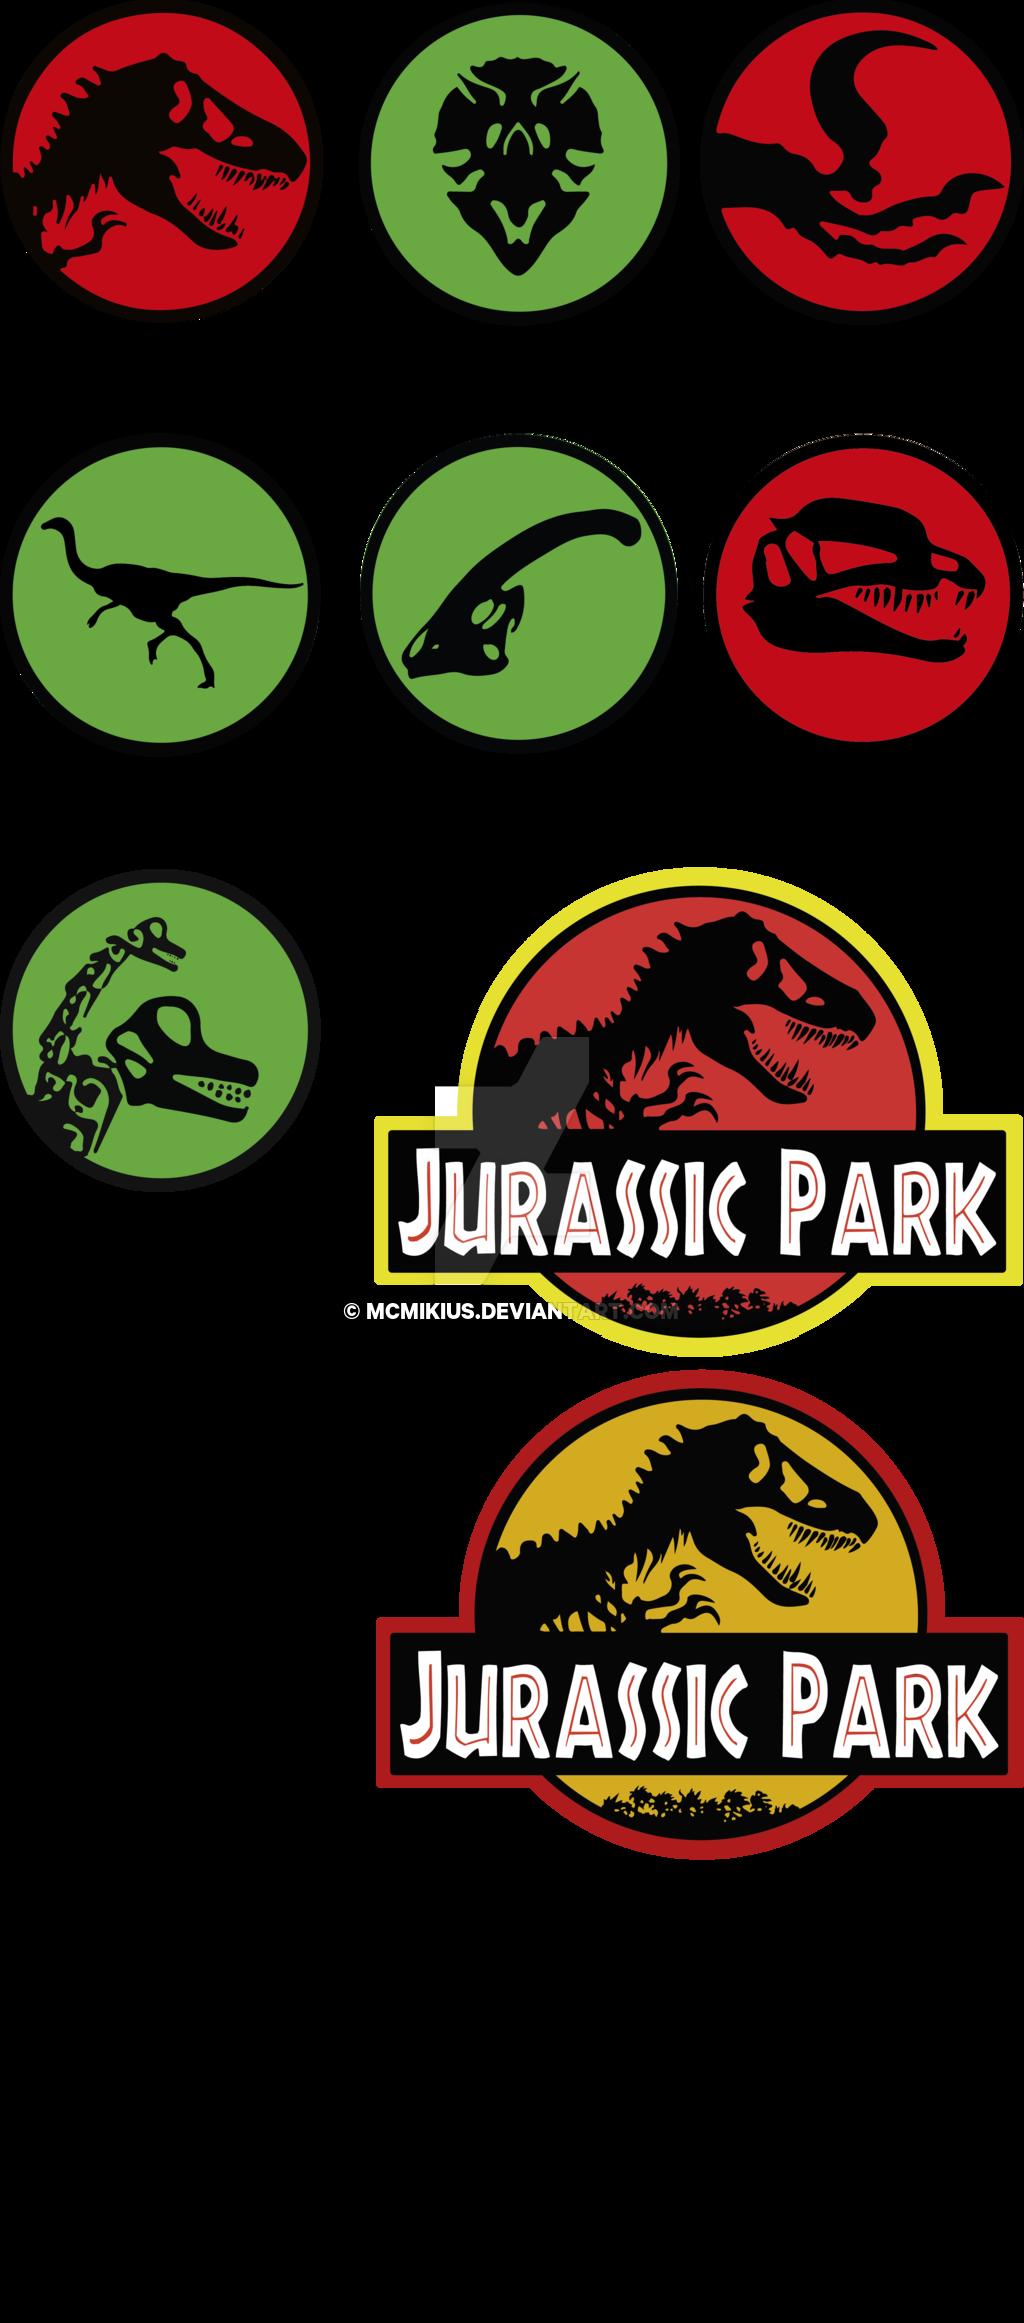 Jurassic Park dinosaurus ver 2 by mcmikius.deviantart.com on @DeviantArt #jurassicparkworld